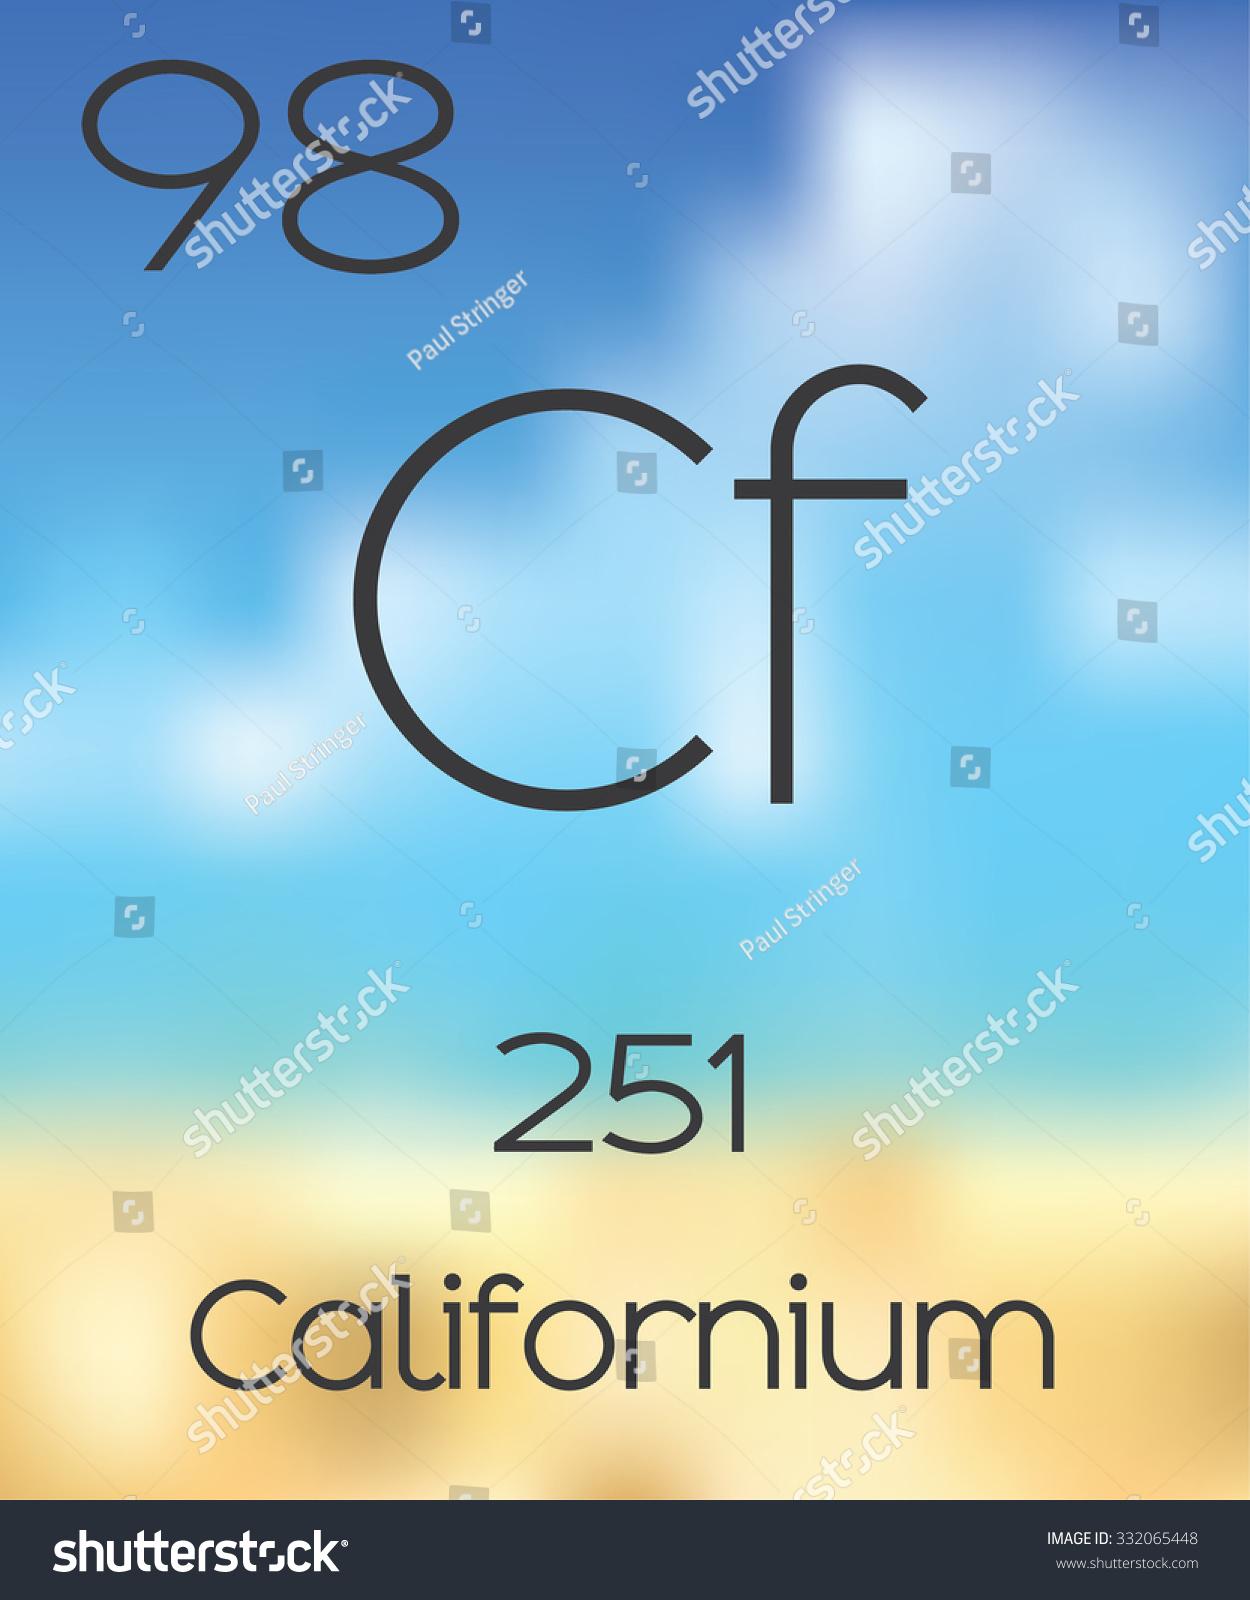 Periodic table elements californium stock illustration 332065448 the periodic table of the elements californium gamestrikefo Images